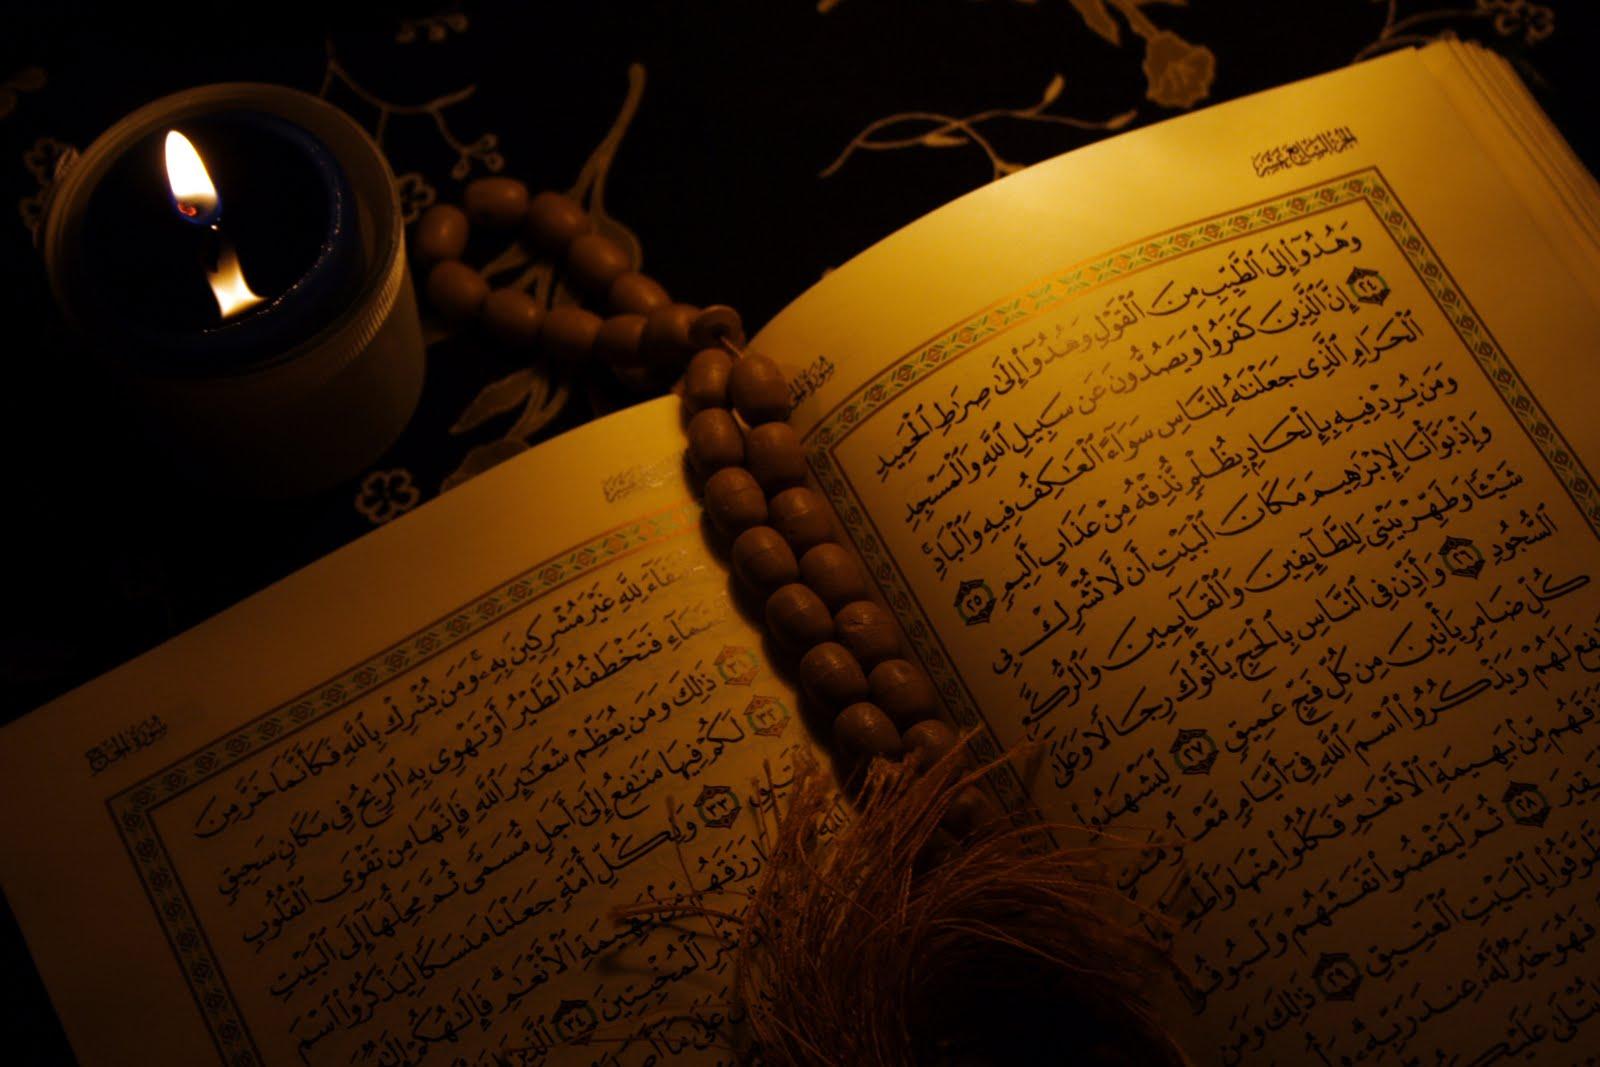 Trololo blogg wallpaper hd quran - Quran wallpaper gallery ...